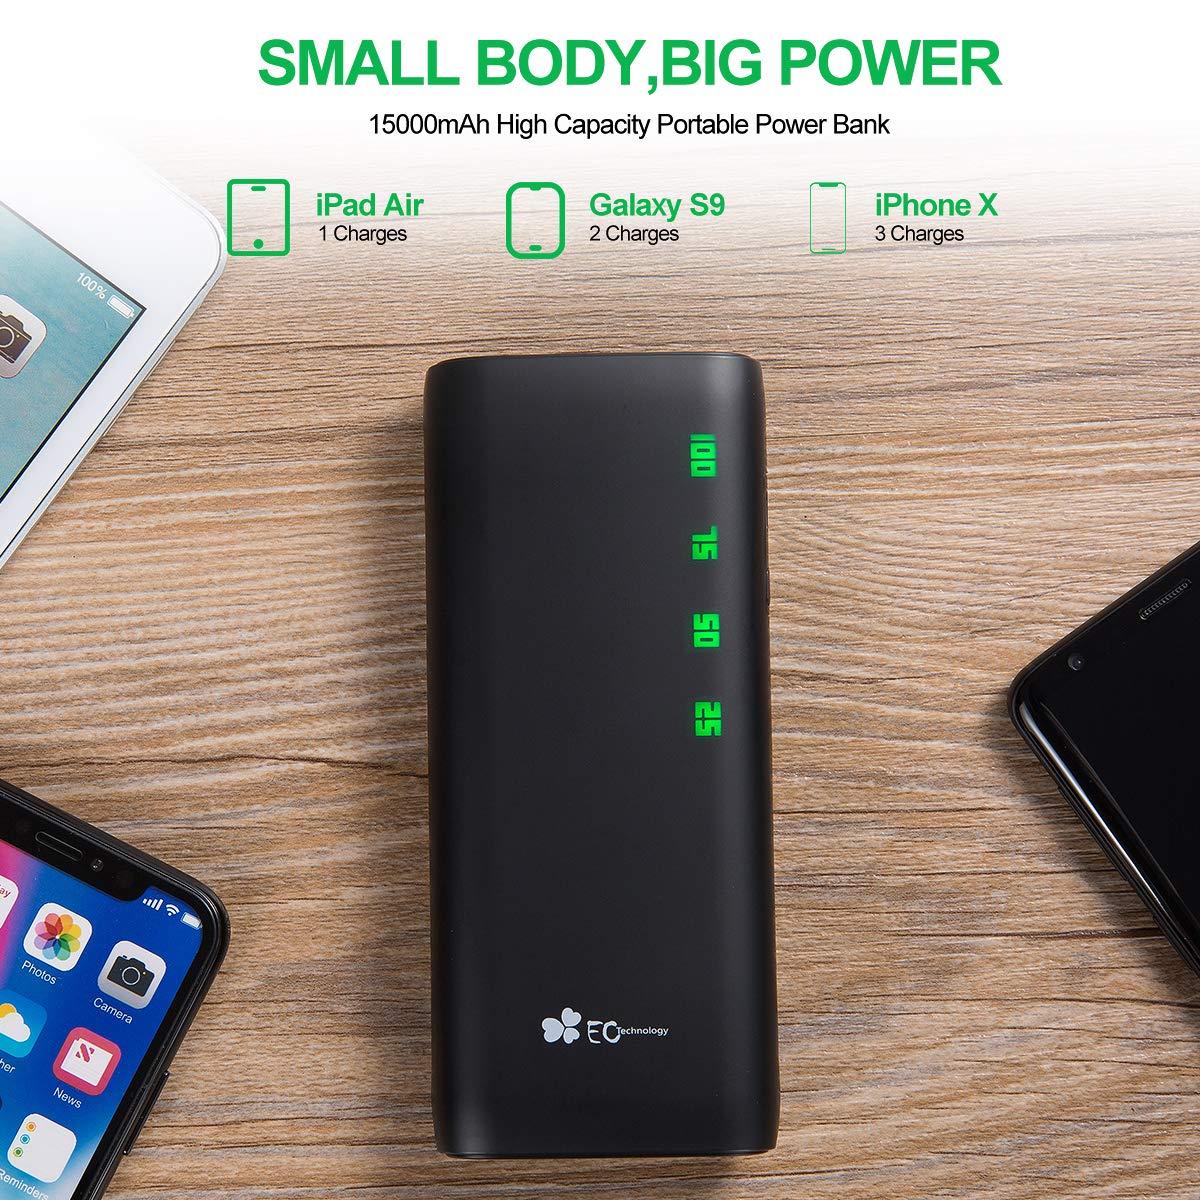 EC Technology PowerBank Portatile 15000 mAh con doppia USB a 3.1A di output e 2A di Input per ricarica veloce, Batteria esterna ad alta capacità con AUTO IC, compatibile con iPhone, iPad, Samsung Galaxy e tanto altro - Nero